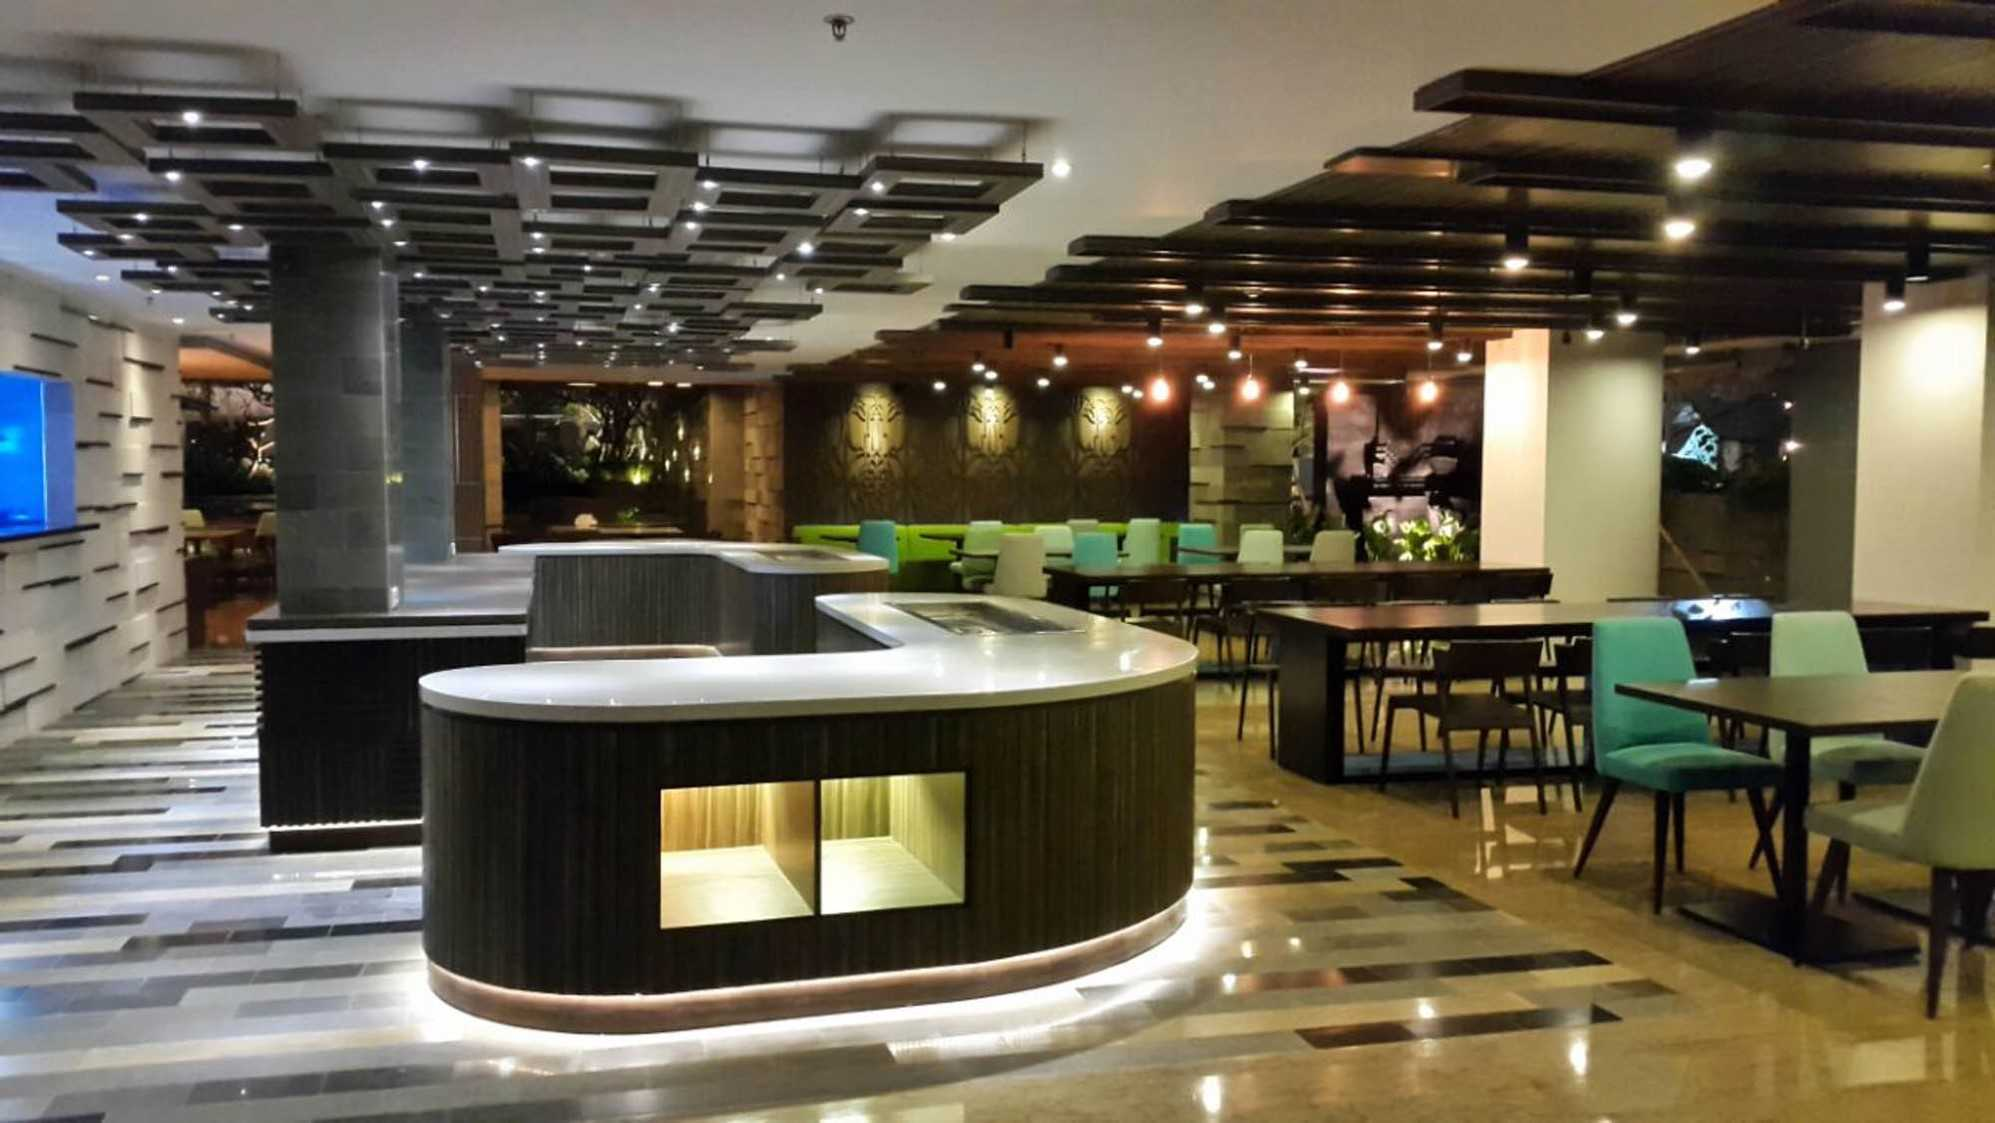 Talenta Interior Hotel Mercure Legian Legian, Kuta, Kabupaten Badung, Bali, Indonesia Legian, Kuta, Kabupaten Badung, Bali, Indonesia Talenta-Interior-Hotel-Mercure-Legian   65503